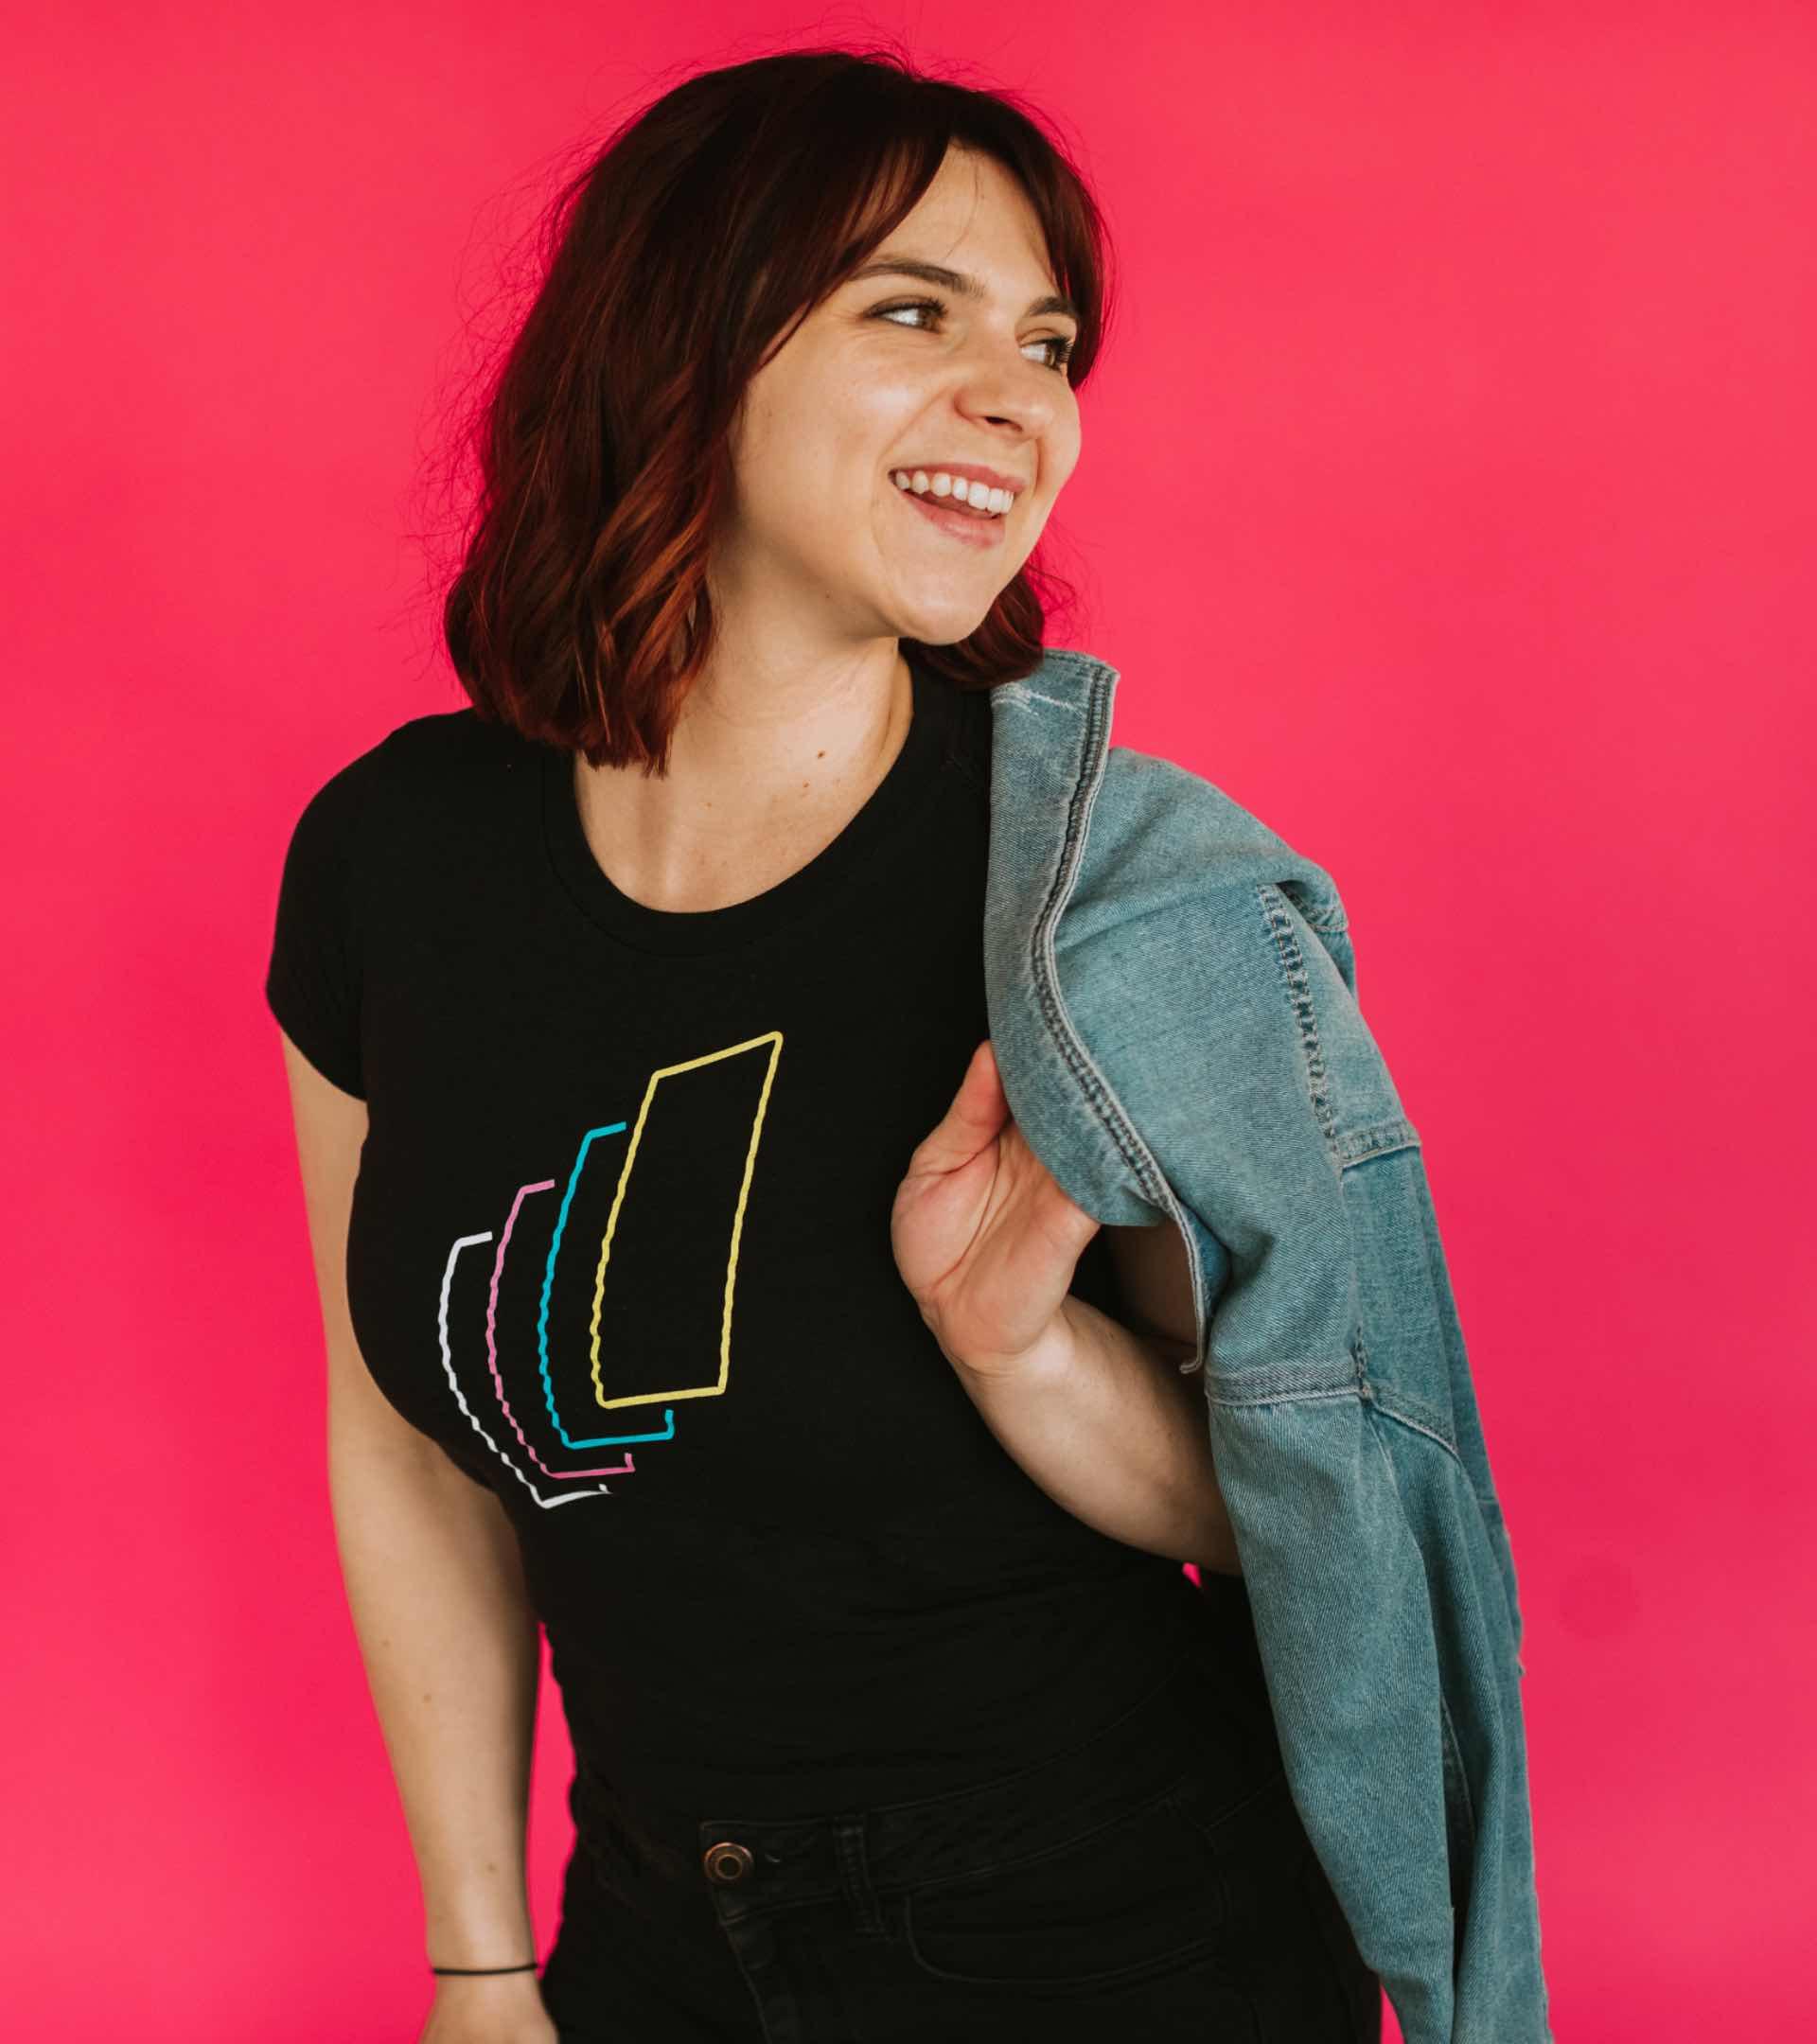 Photo of Carly wearing a Studio 8E8 te-shirt